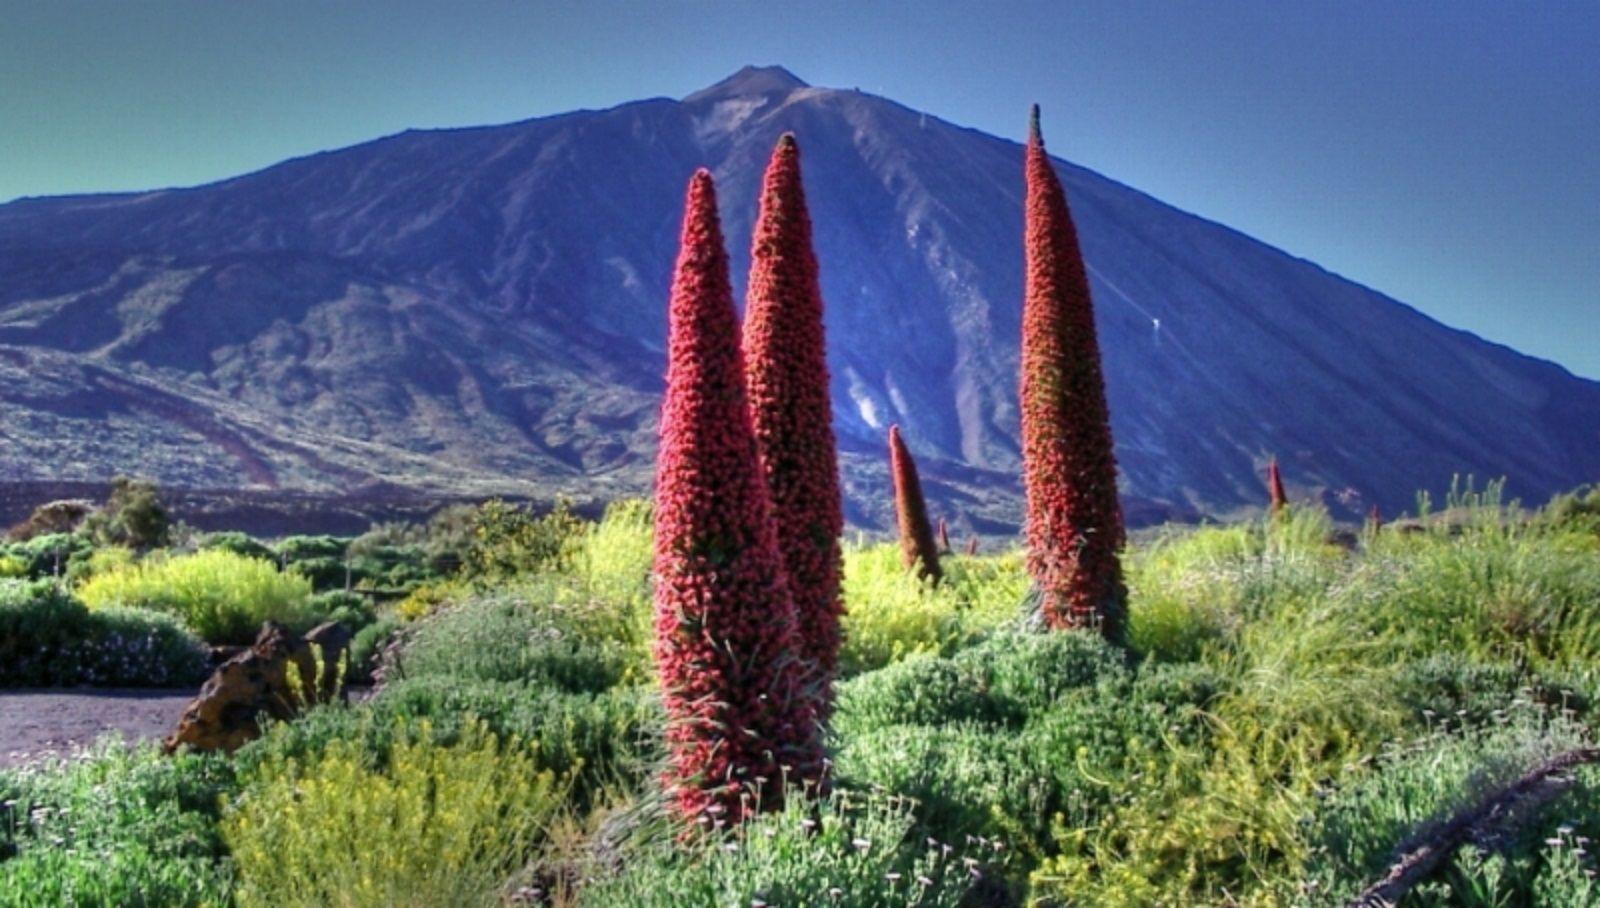 """Tajinaste rojo es una planta de endémica de Tenerife que puede llegar a alcanzar más de 2 metros de altura. >>>>>>>  The red """"Tajinaste"""" is an endemic plant of Tenerife that can reach 2 meters height."""